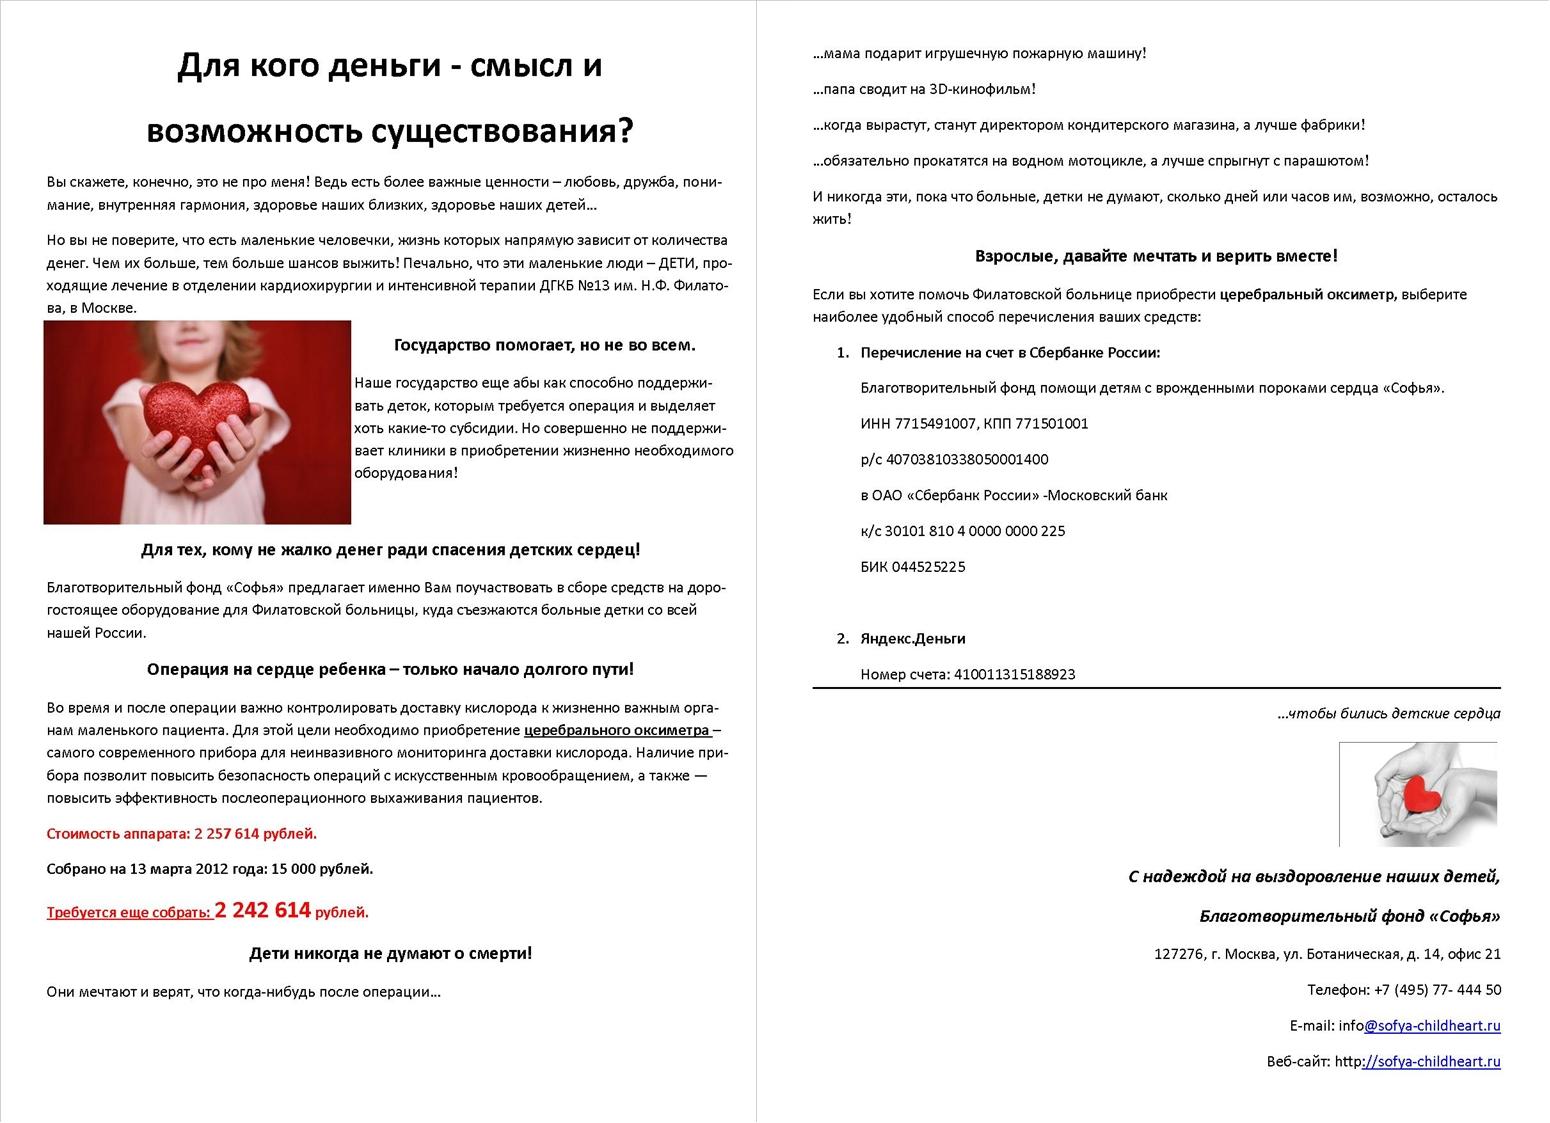 скрипт сайта знакомств 2012